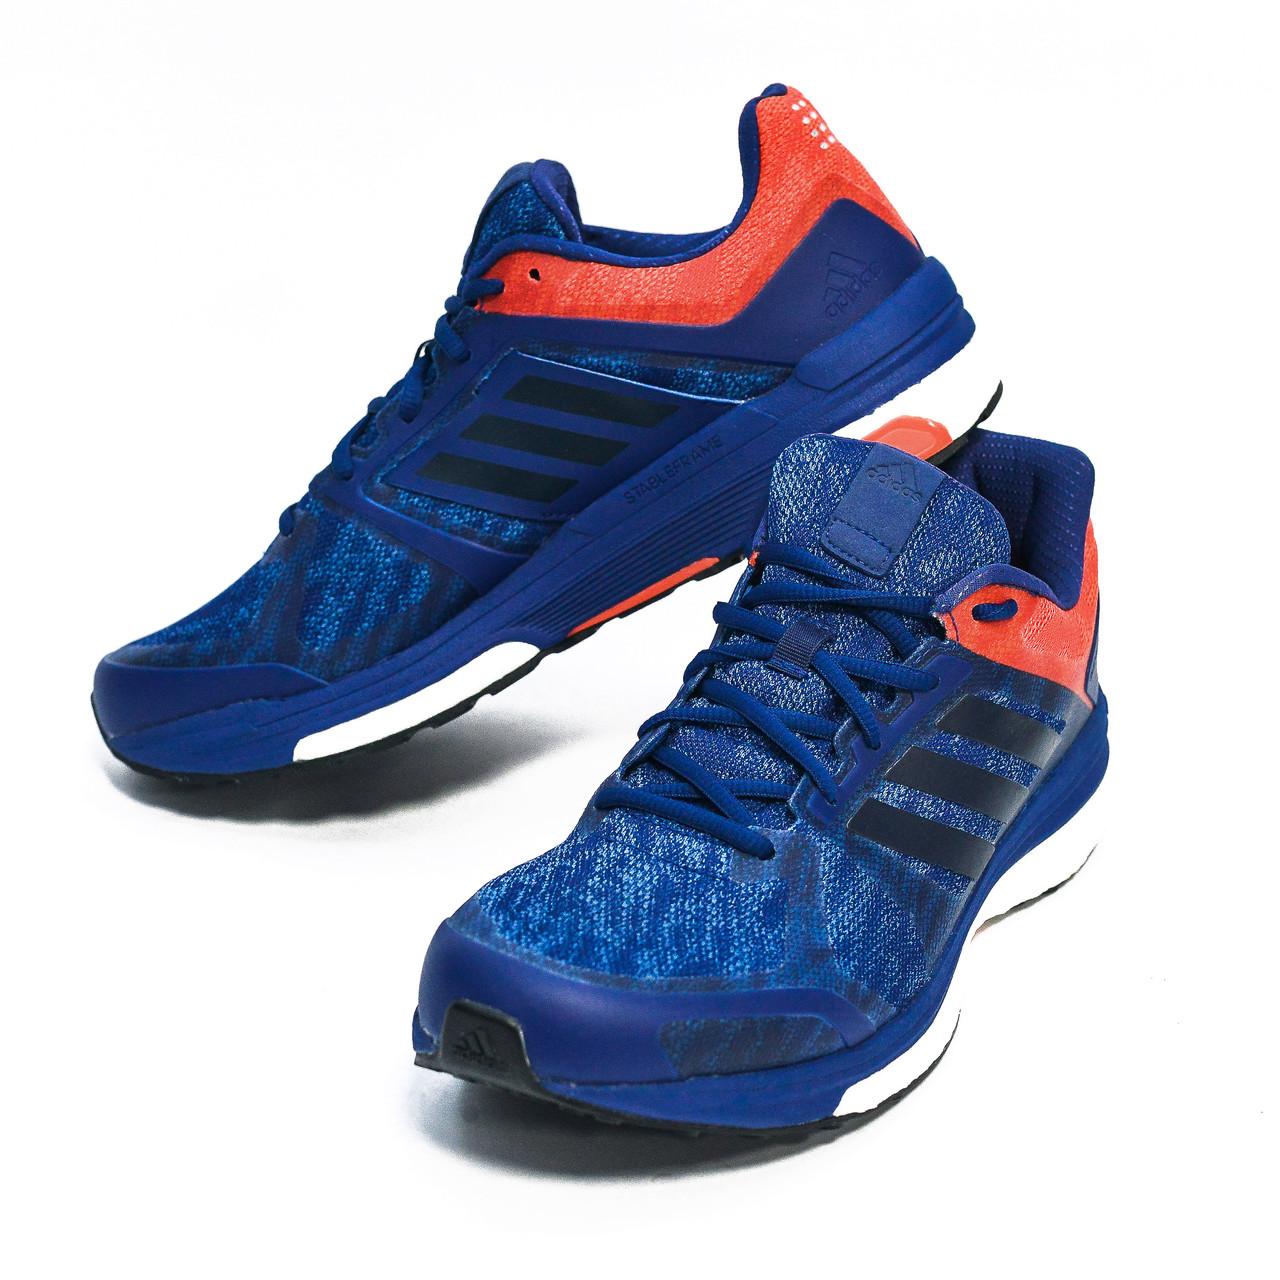 Оригинальные мужские кроссовки для бега Adidas Supernova Sequence 9